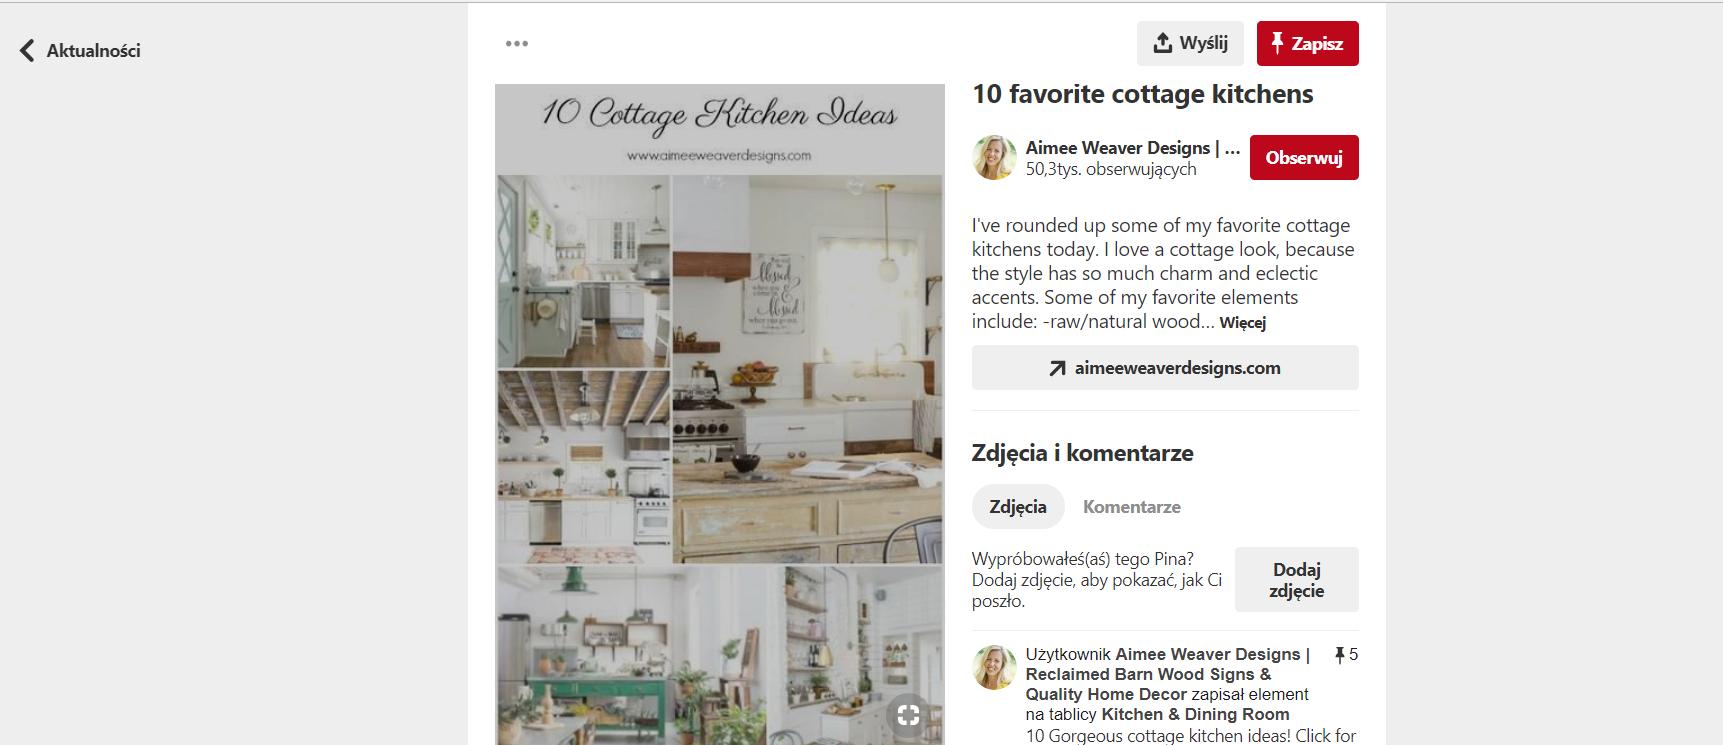 Instagram vs Pinterest for business